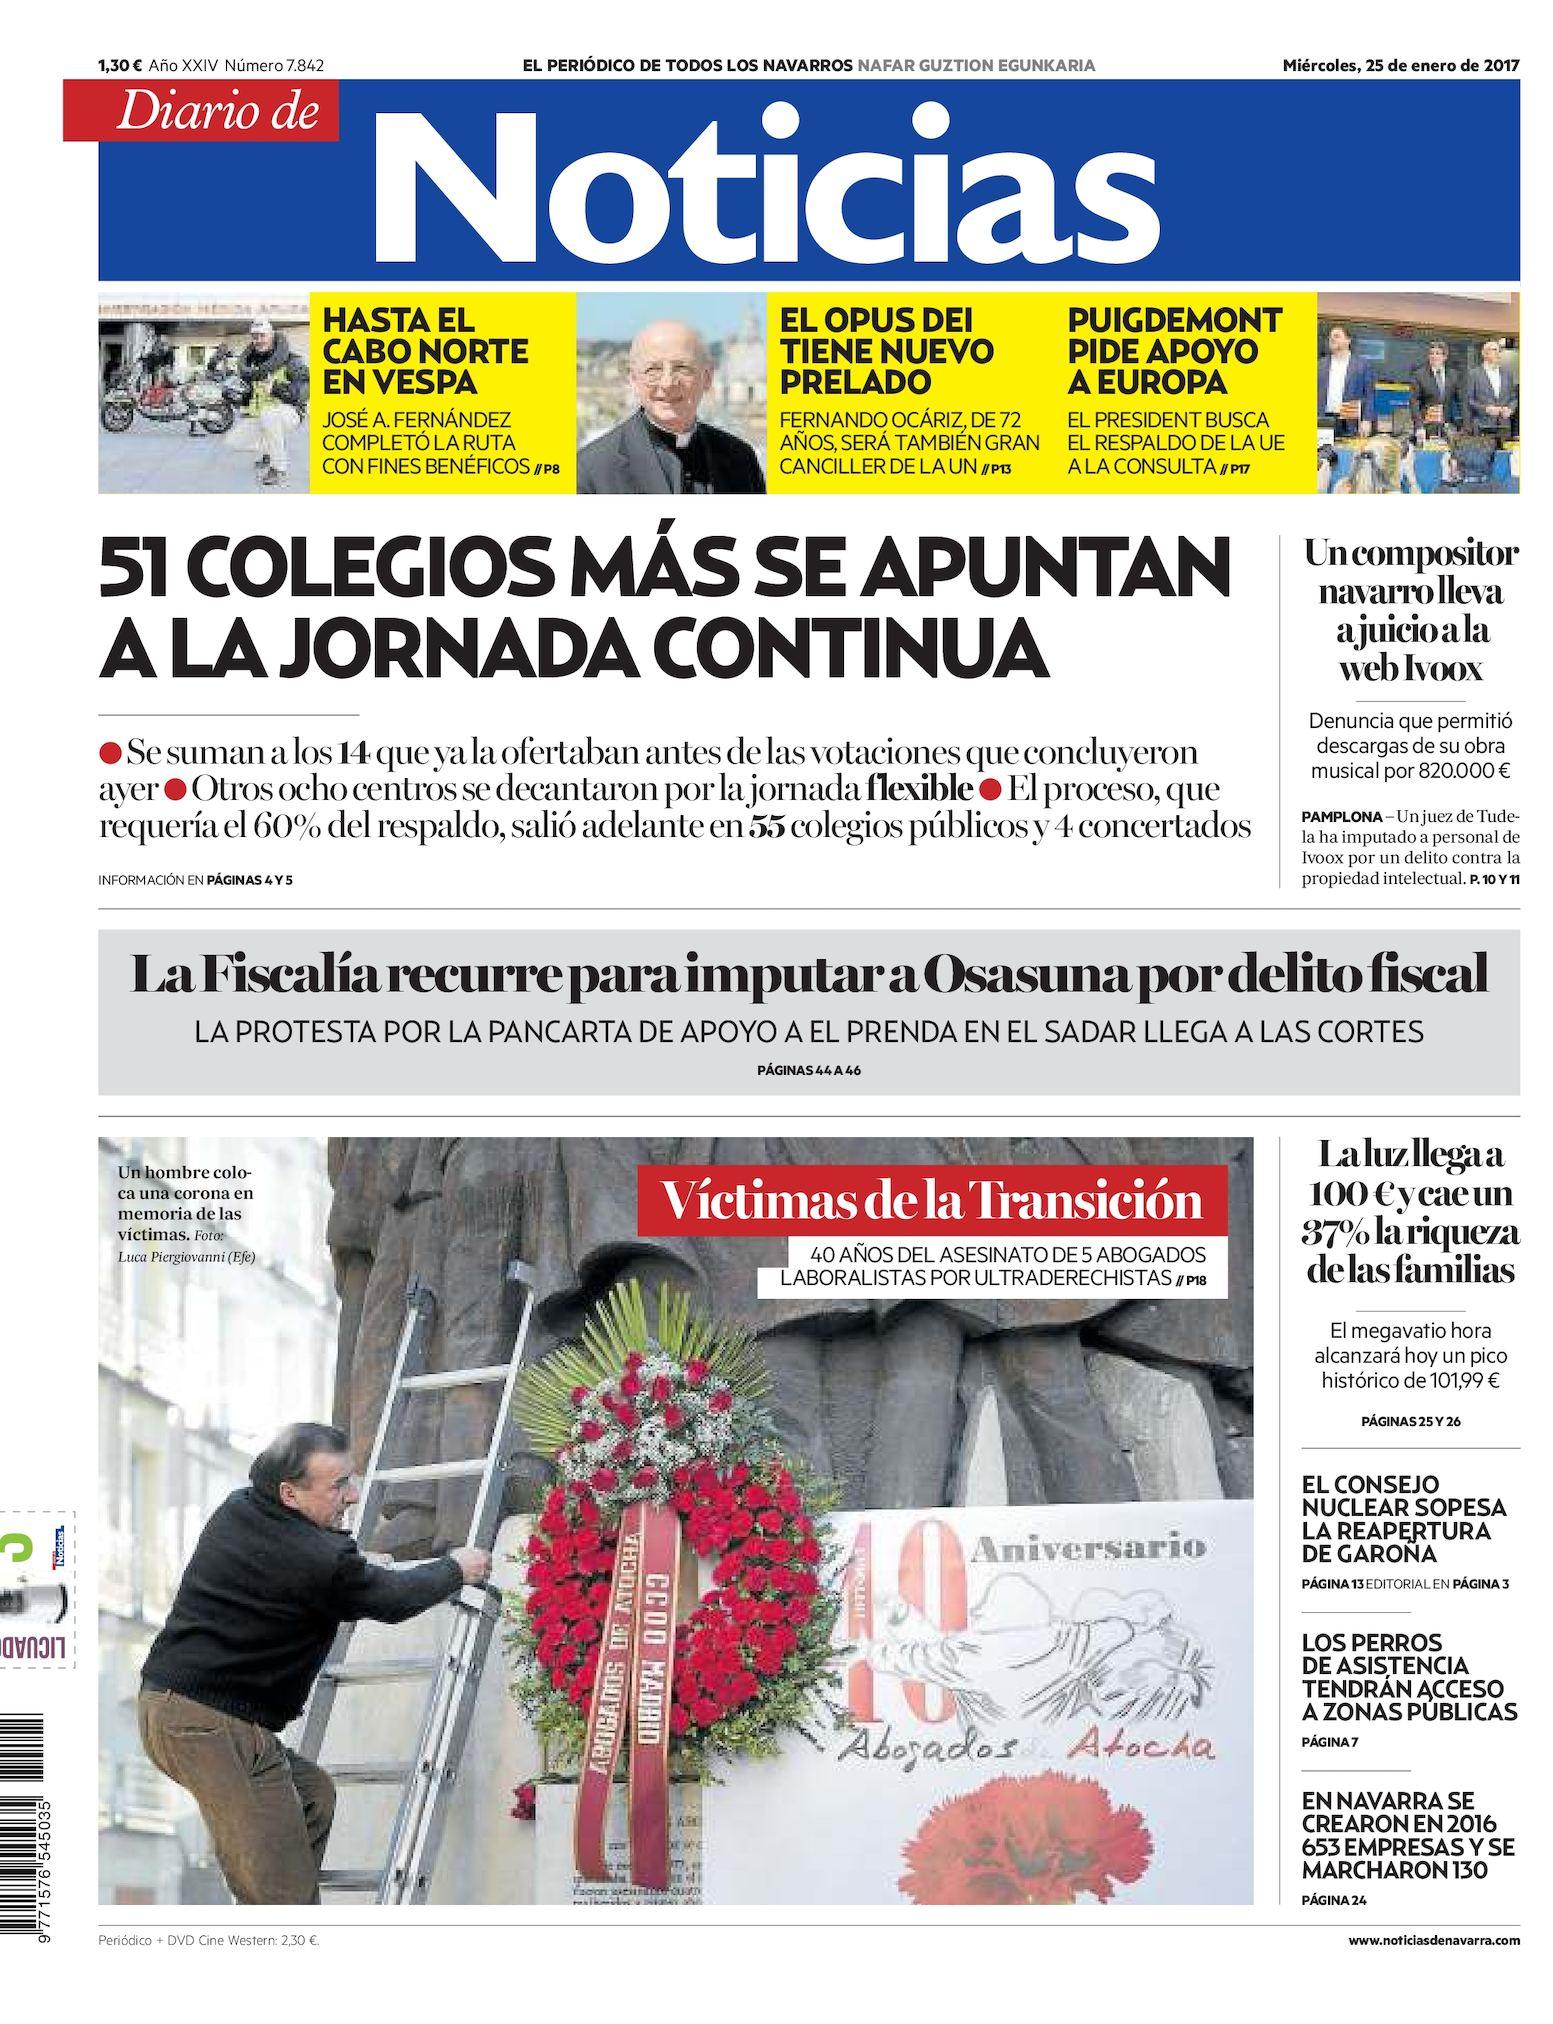 Calaméo - Diario de Noticias 20170125 6bbeec285e0d0